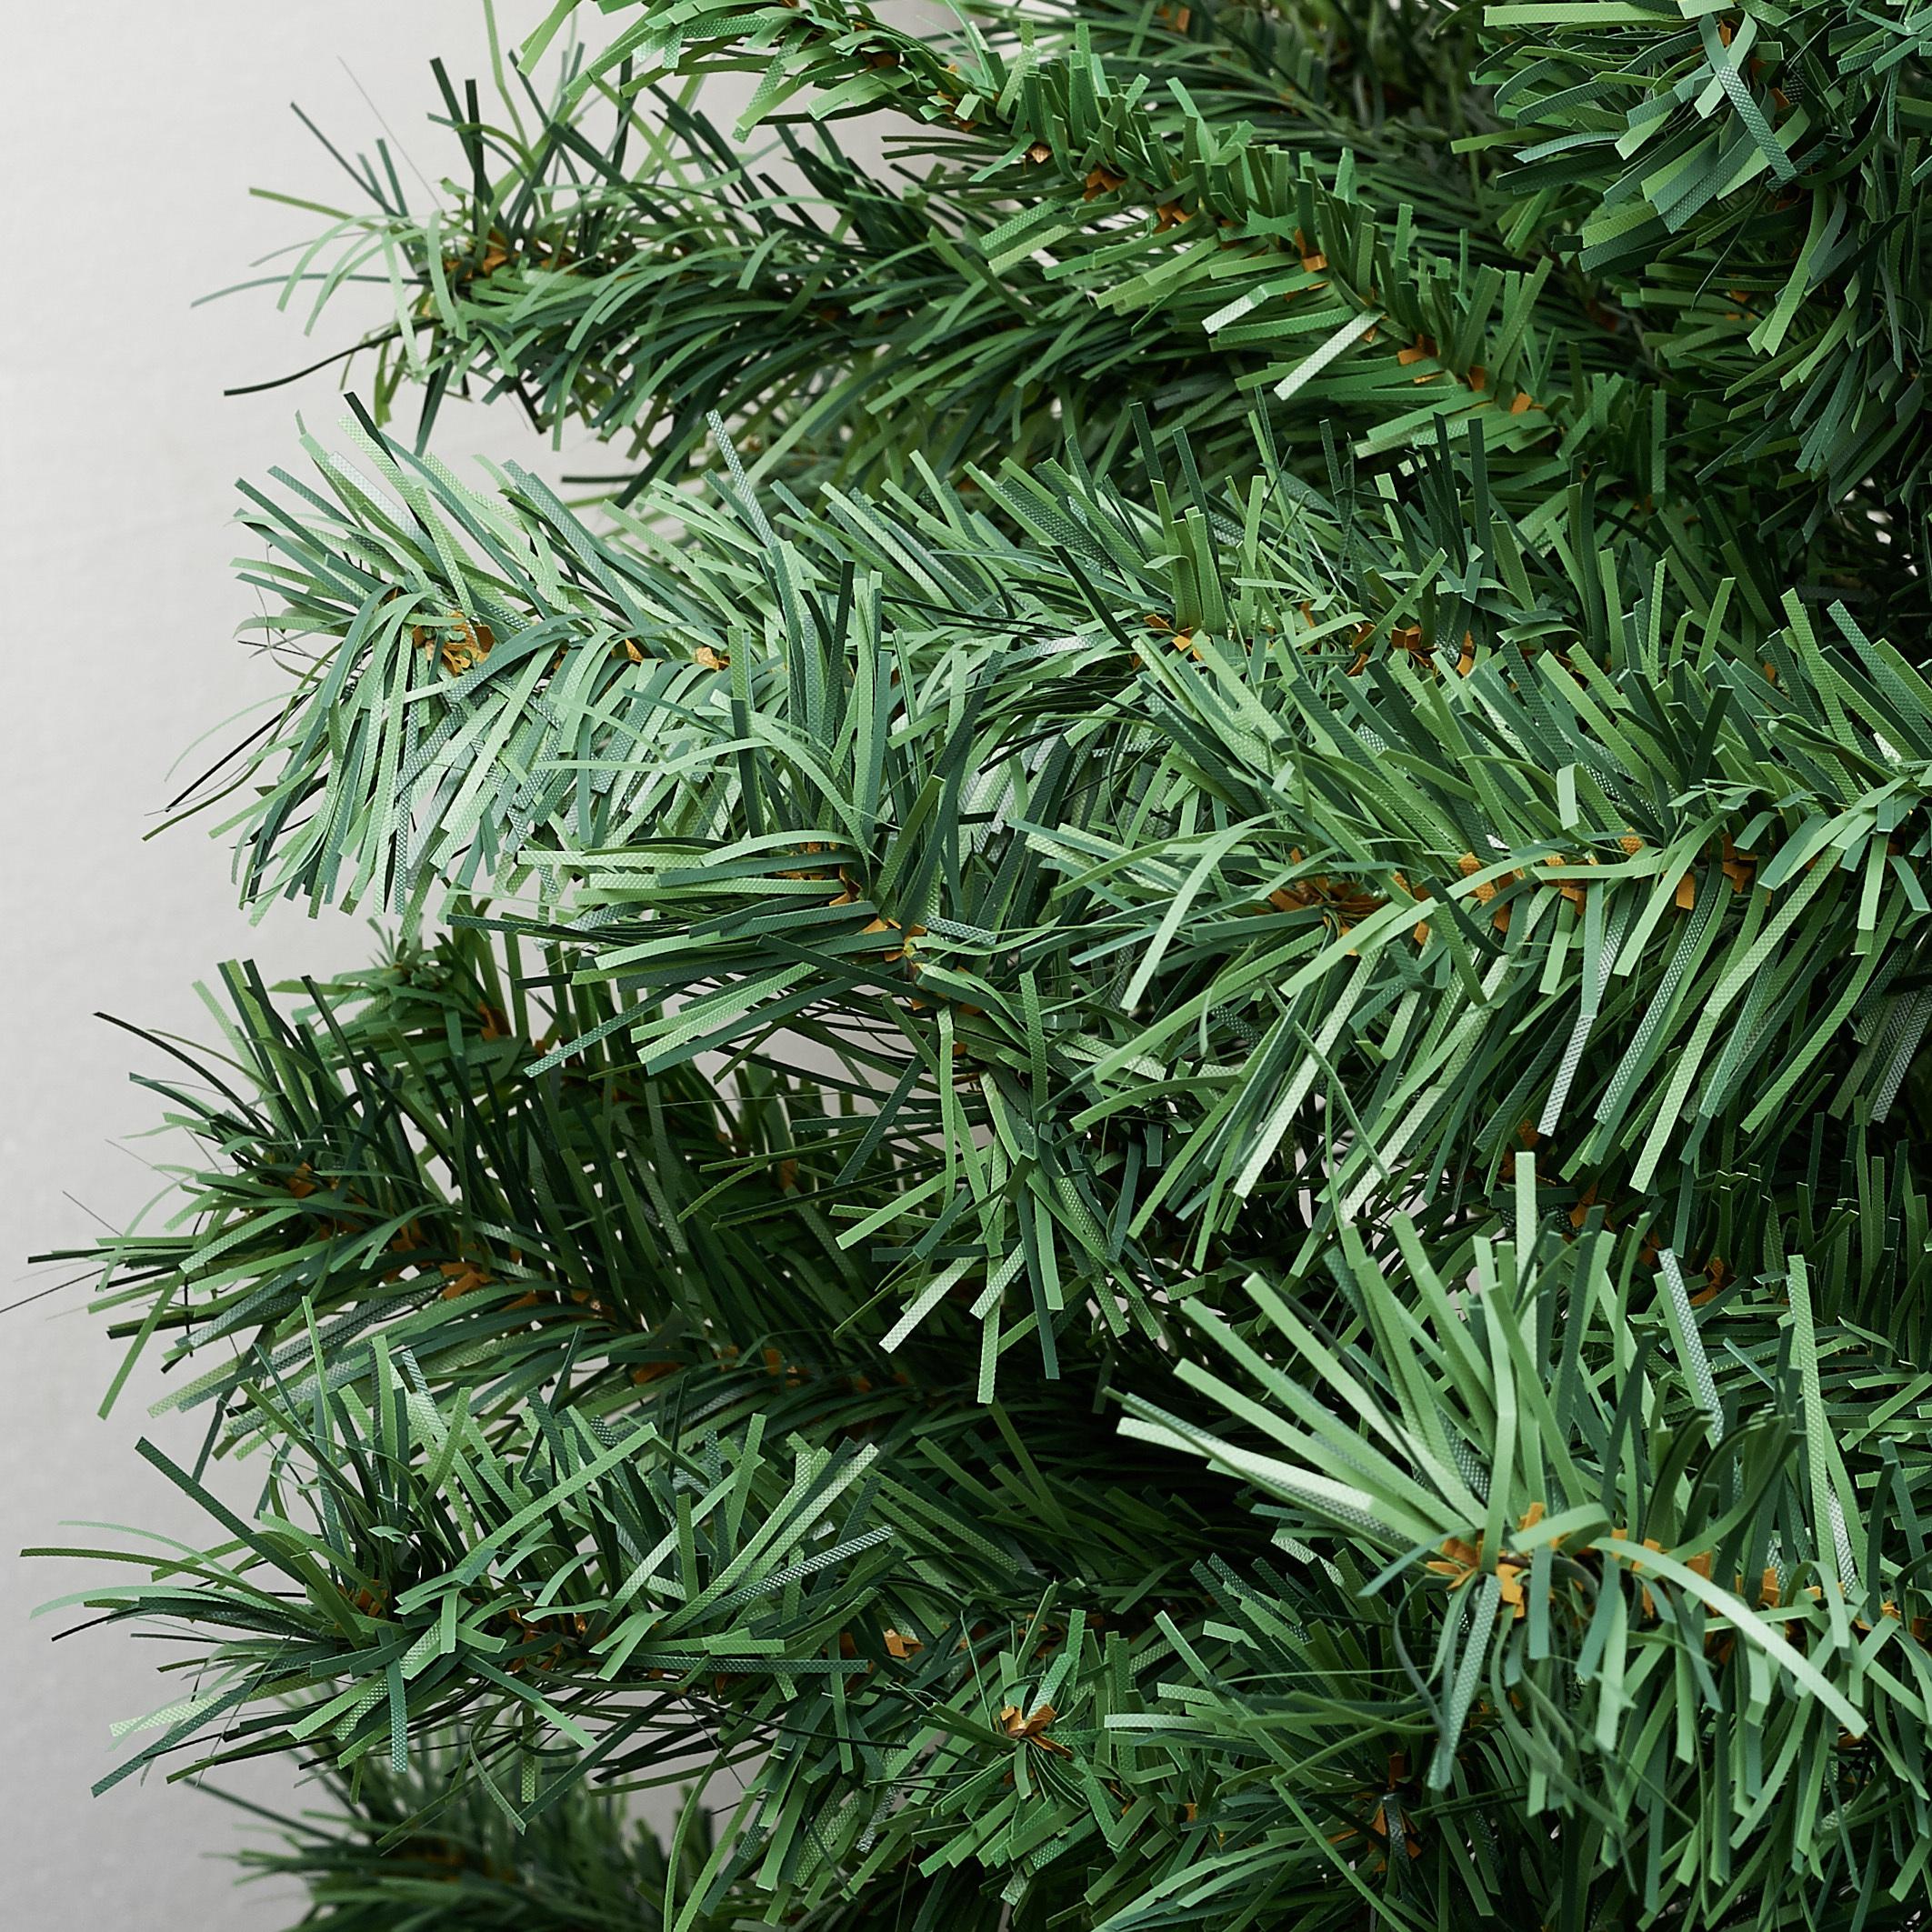 Carrefour sapin artificiel branchages denses n 8 h 210 cm de61666 vert pas cher achat - Sapin artificiel vert pas cher ...